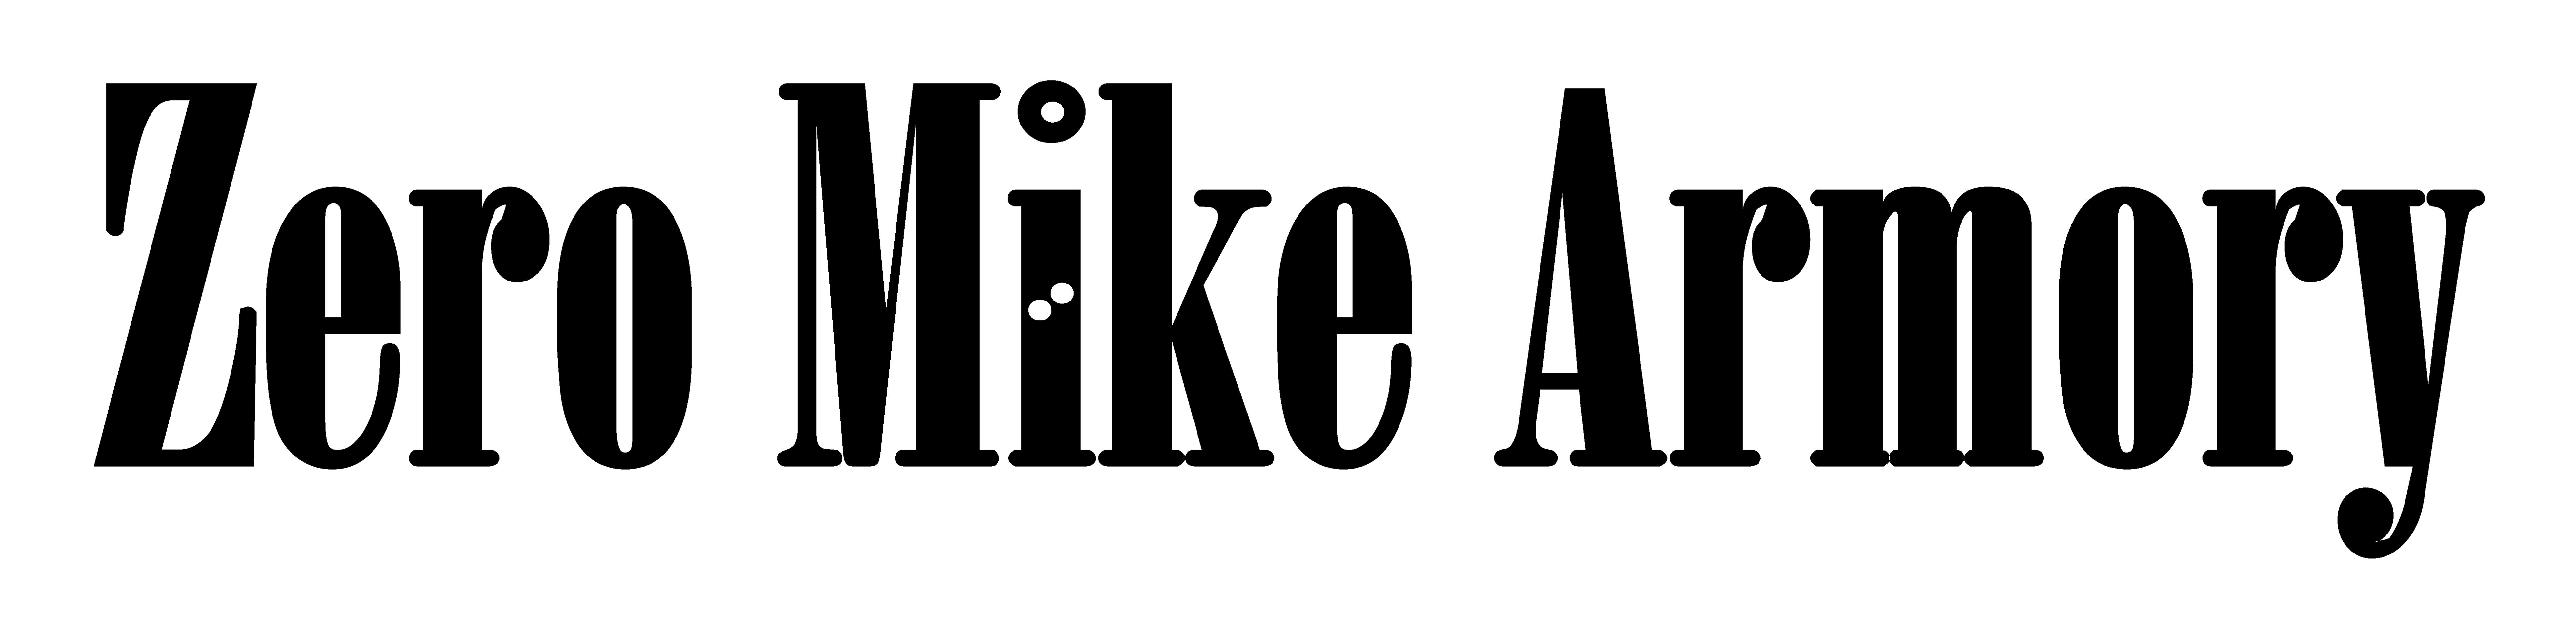 Zero Mike Armory